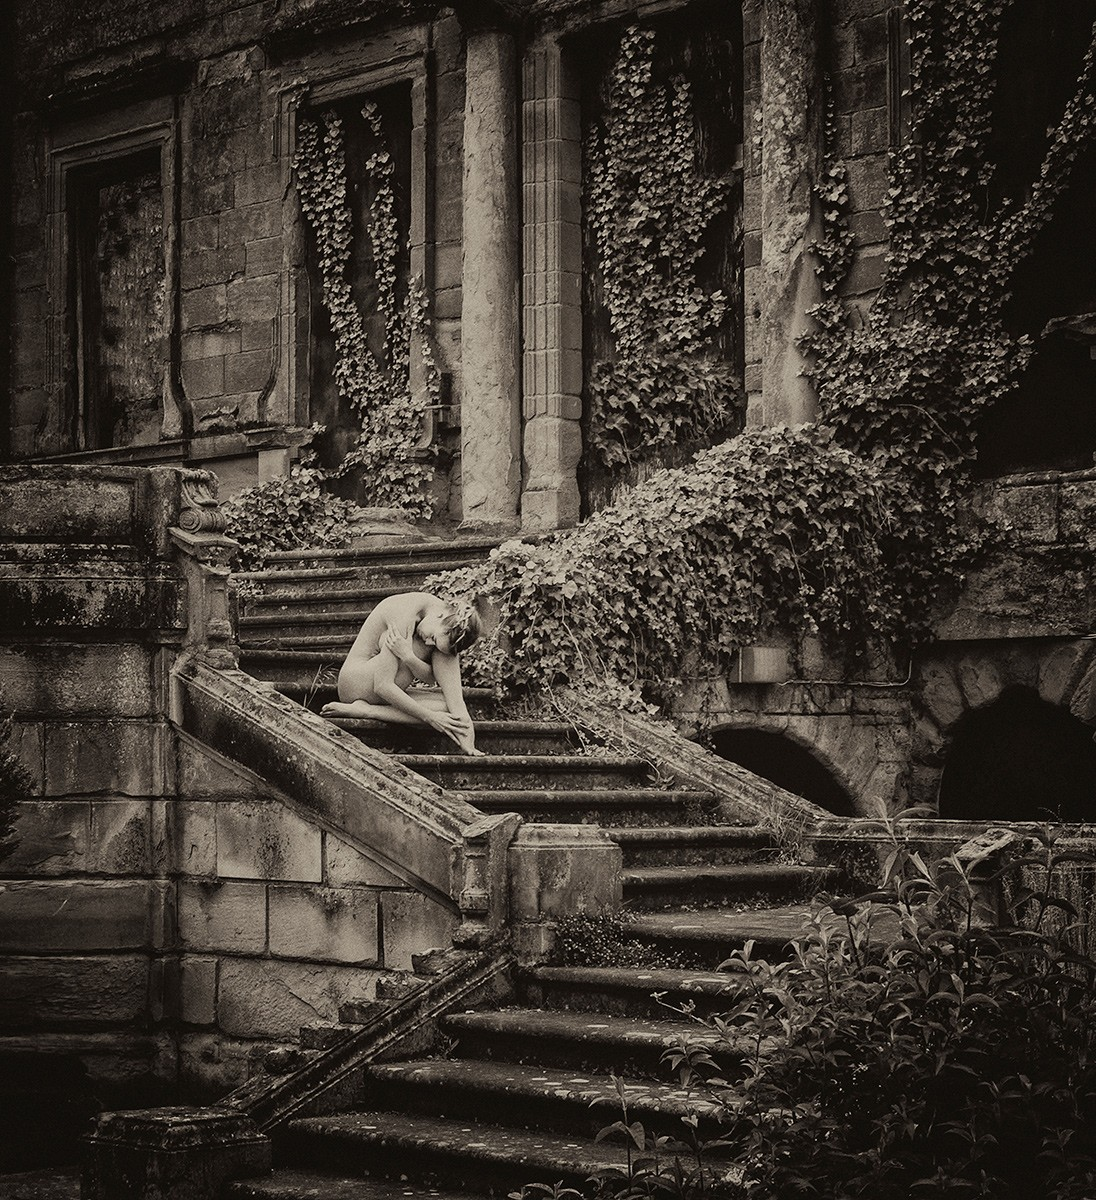 Обнажённая на ступенях. Авторы Тревор и Фэй Йербери